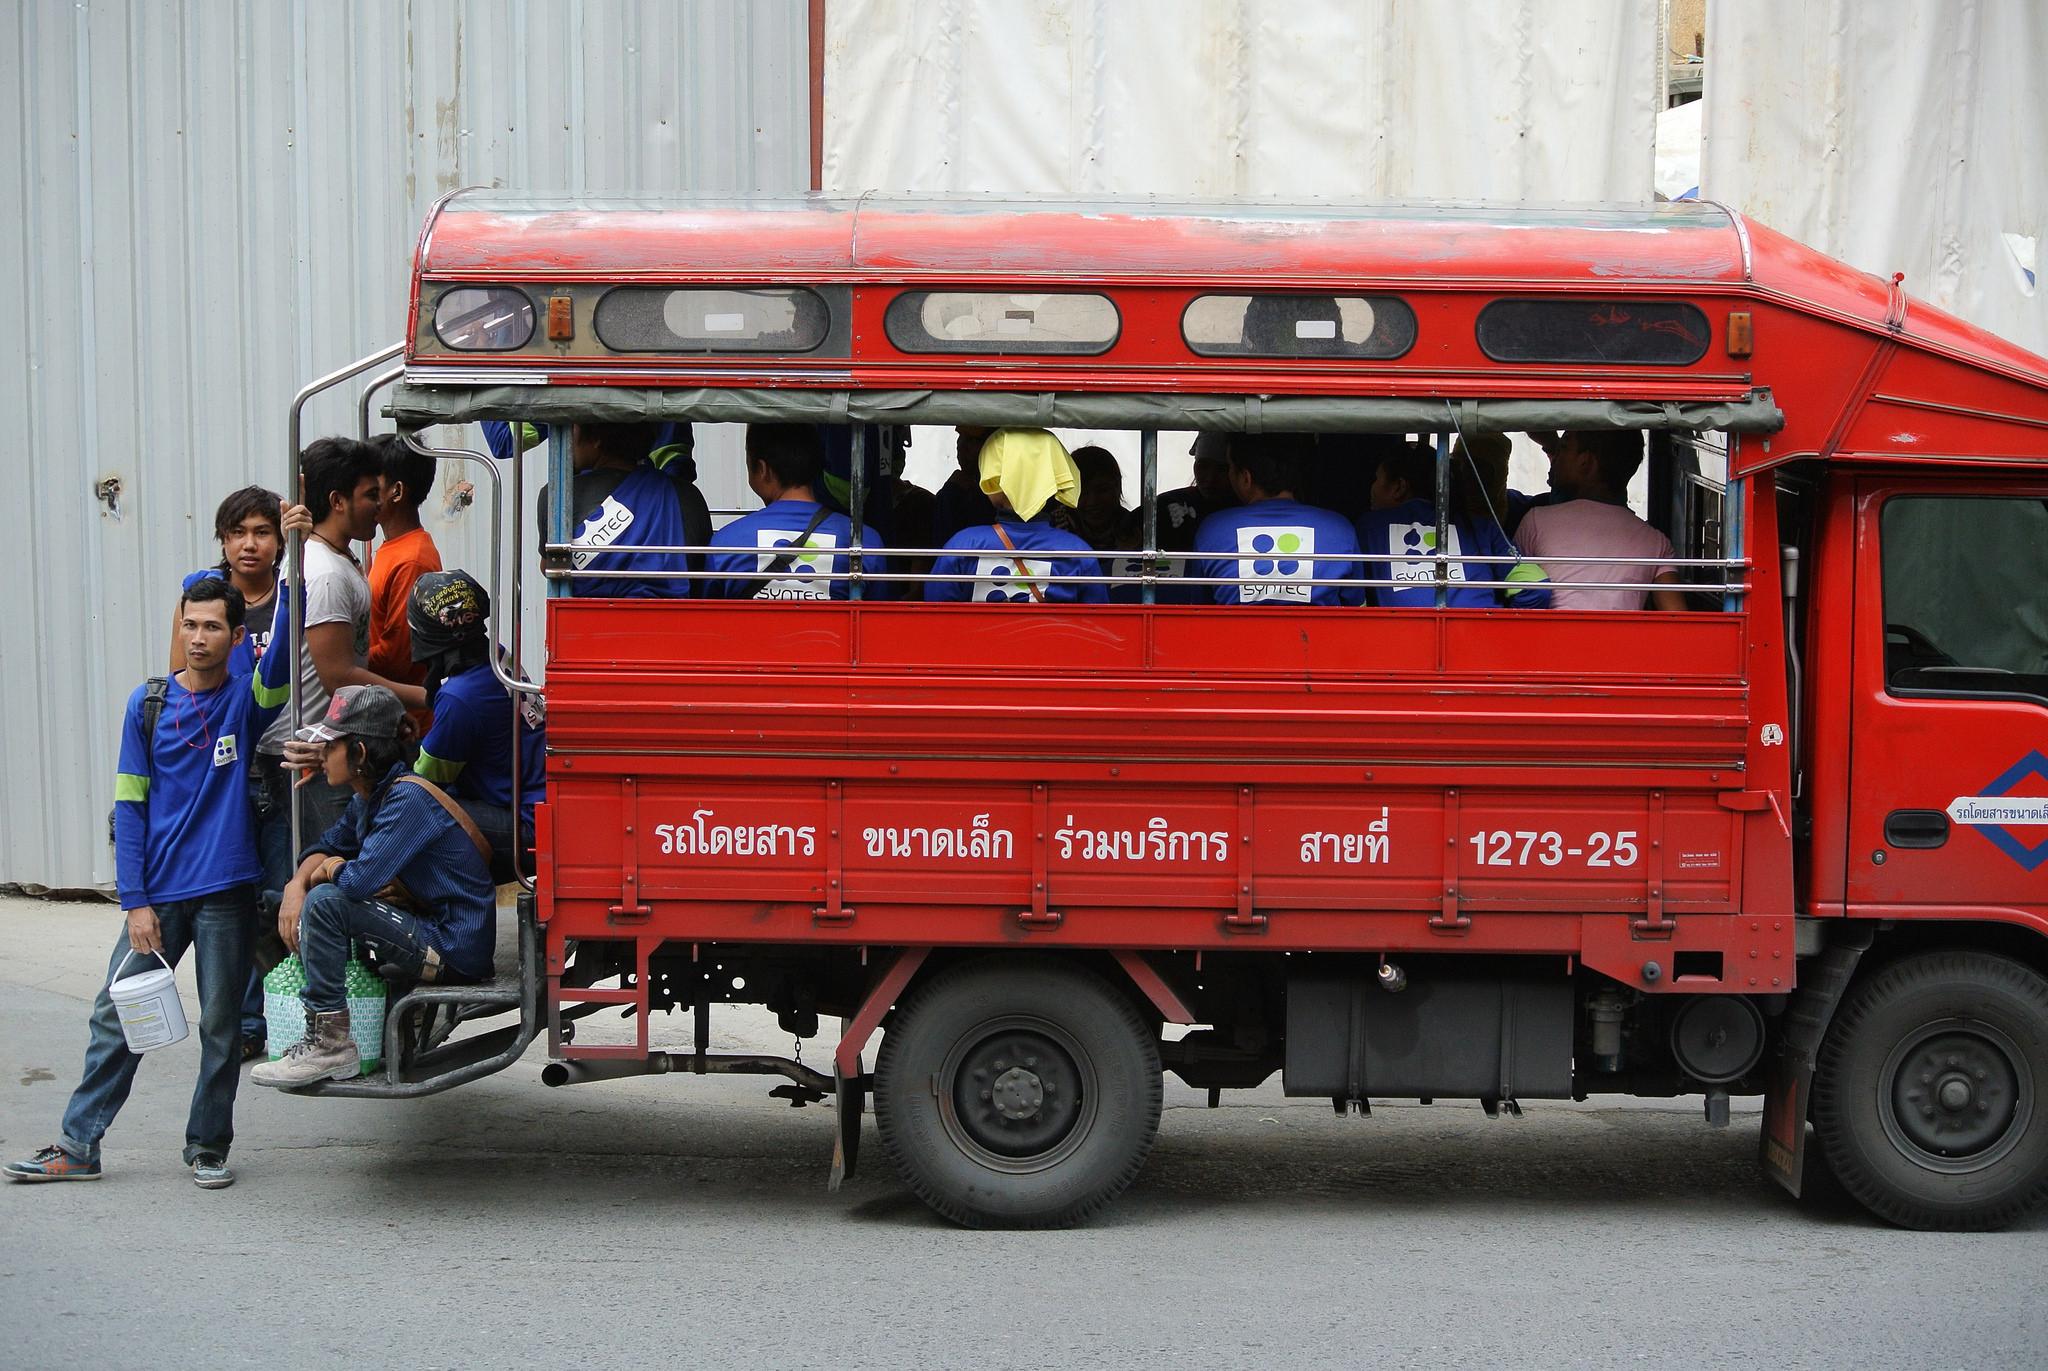 Le taux de chômage en Thaïlande est l'un des plus bas du monde